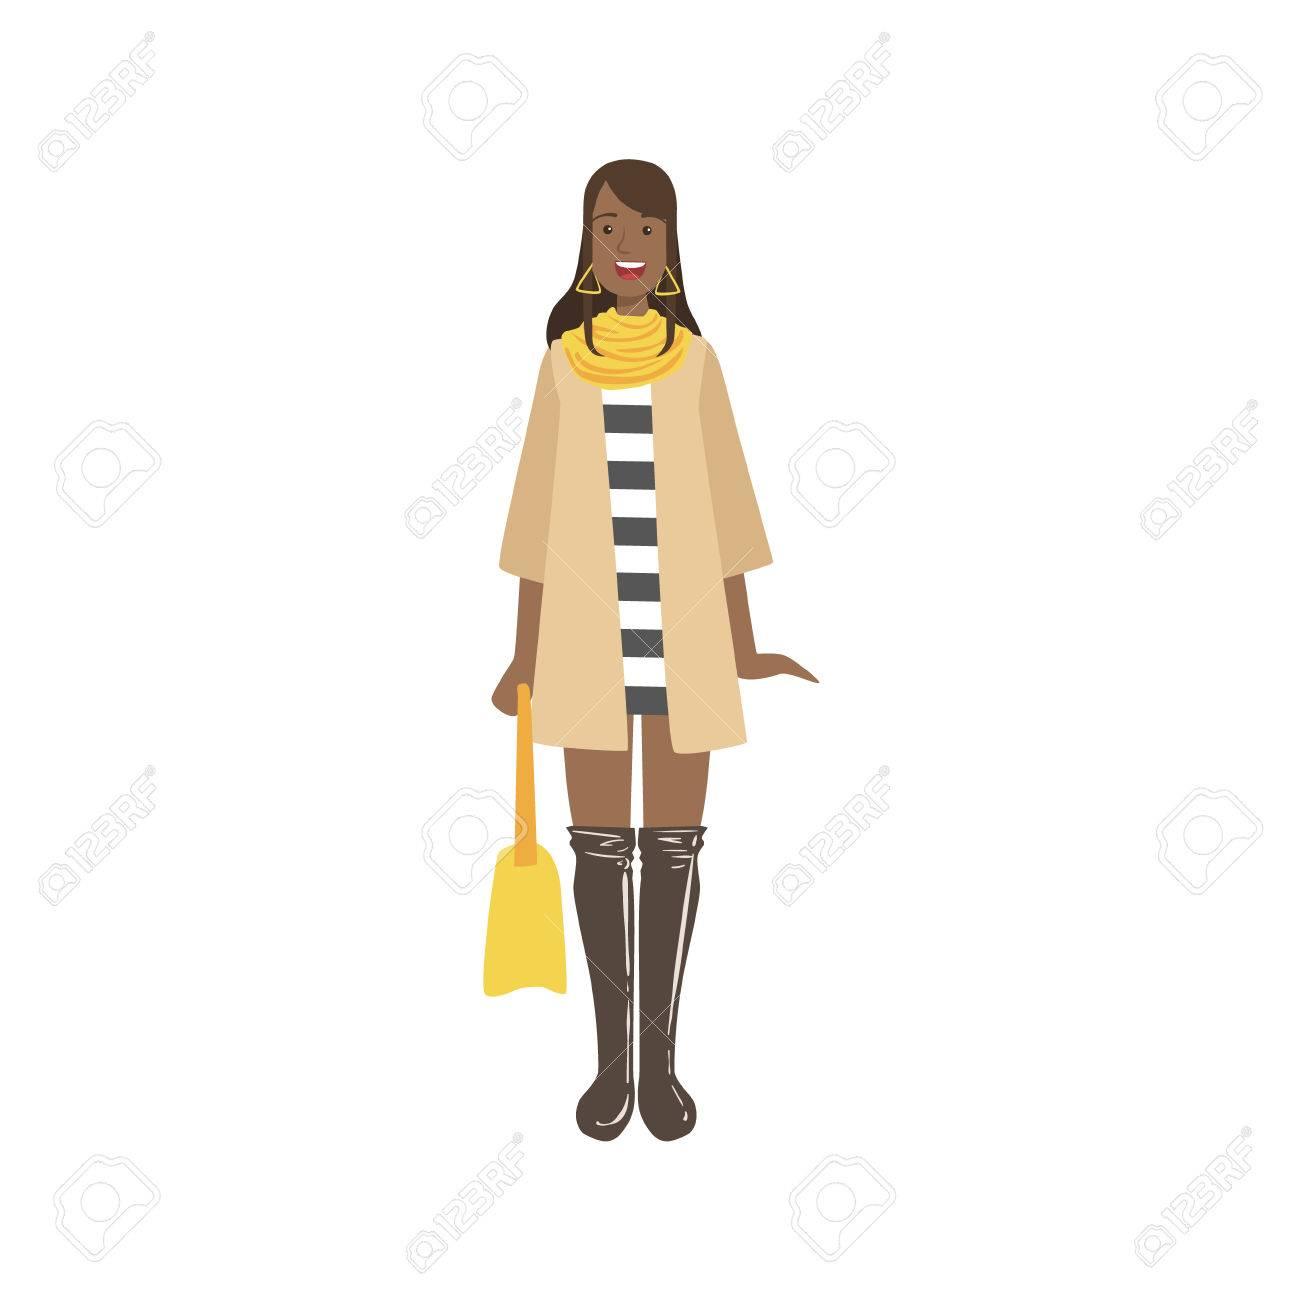 秋のおしゃれな街で、若い女性に見える白い背景のシンプルな幼稚な